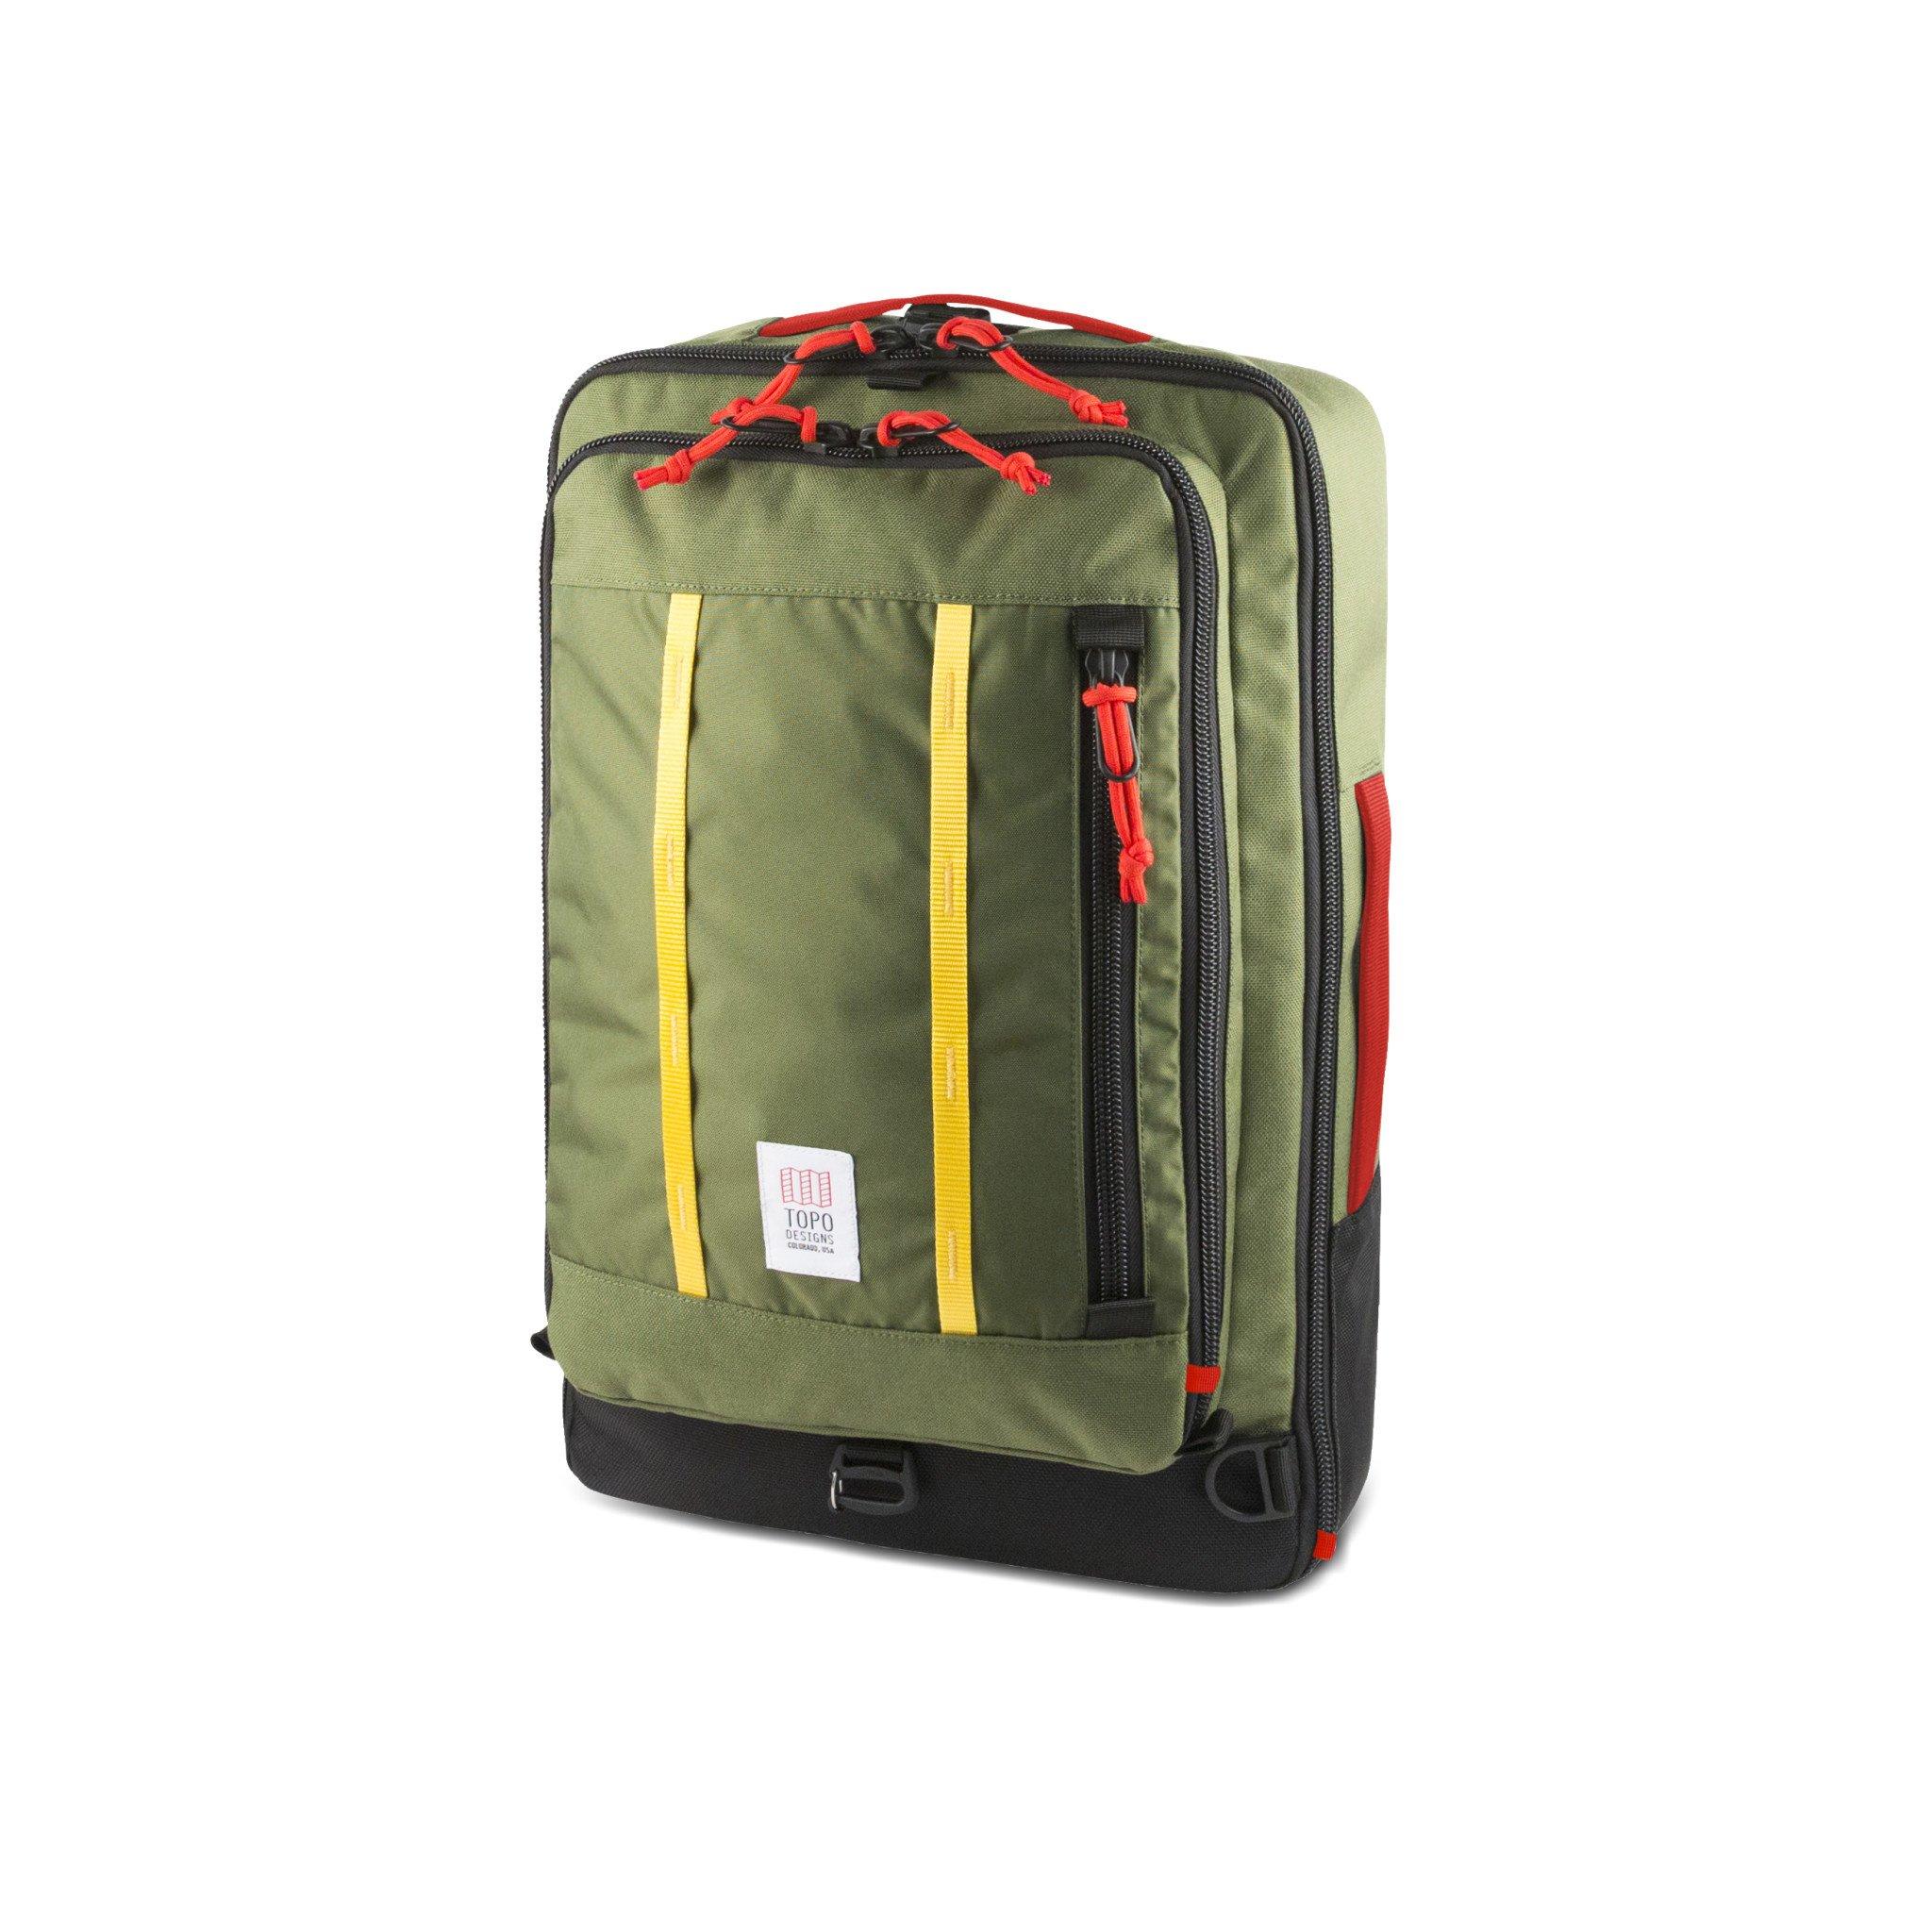 Topo Topo Travel Bag 30L Backpack